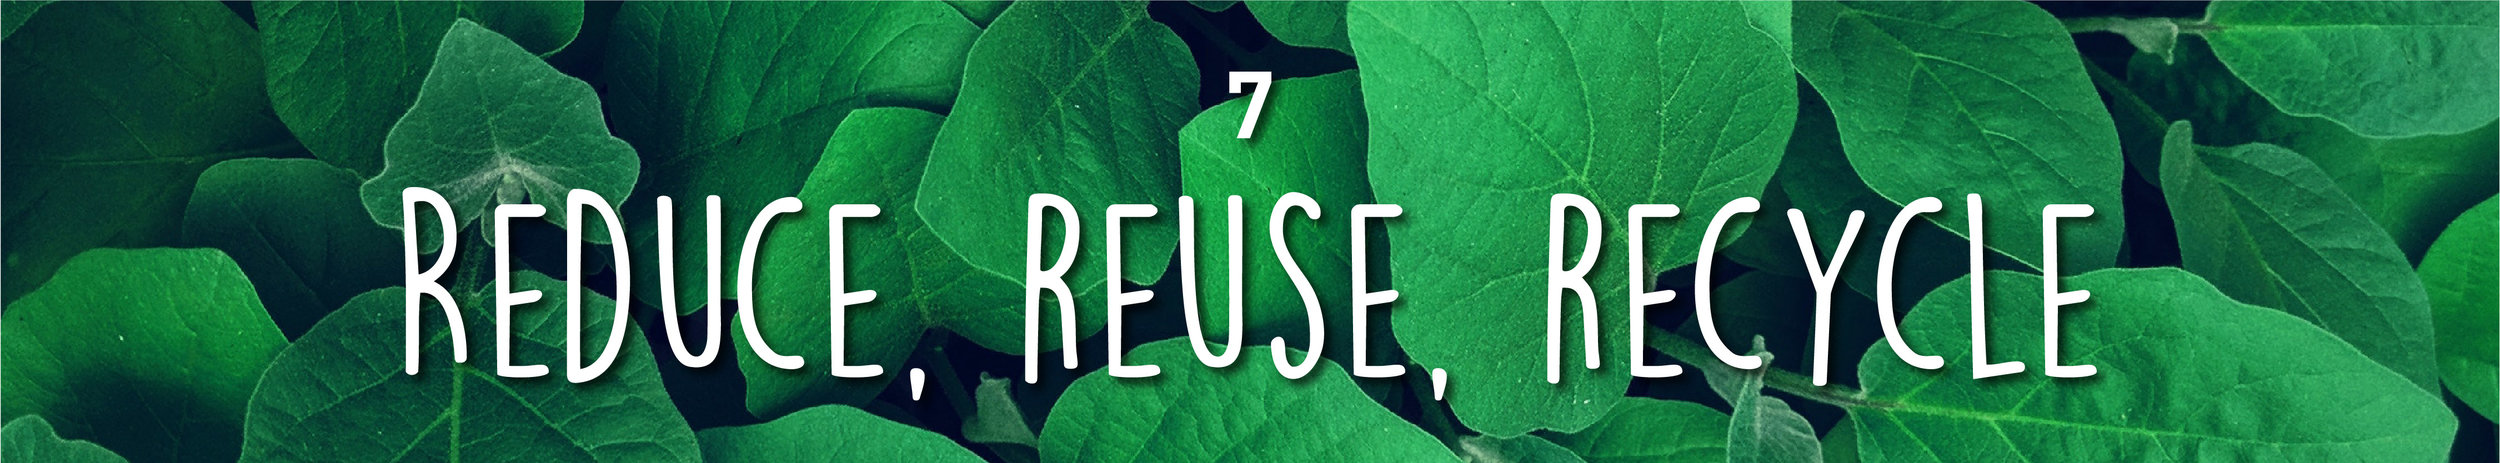 Week34-SustainableMarketing_InBlog_1 copy 19.jpg